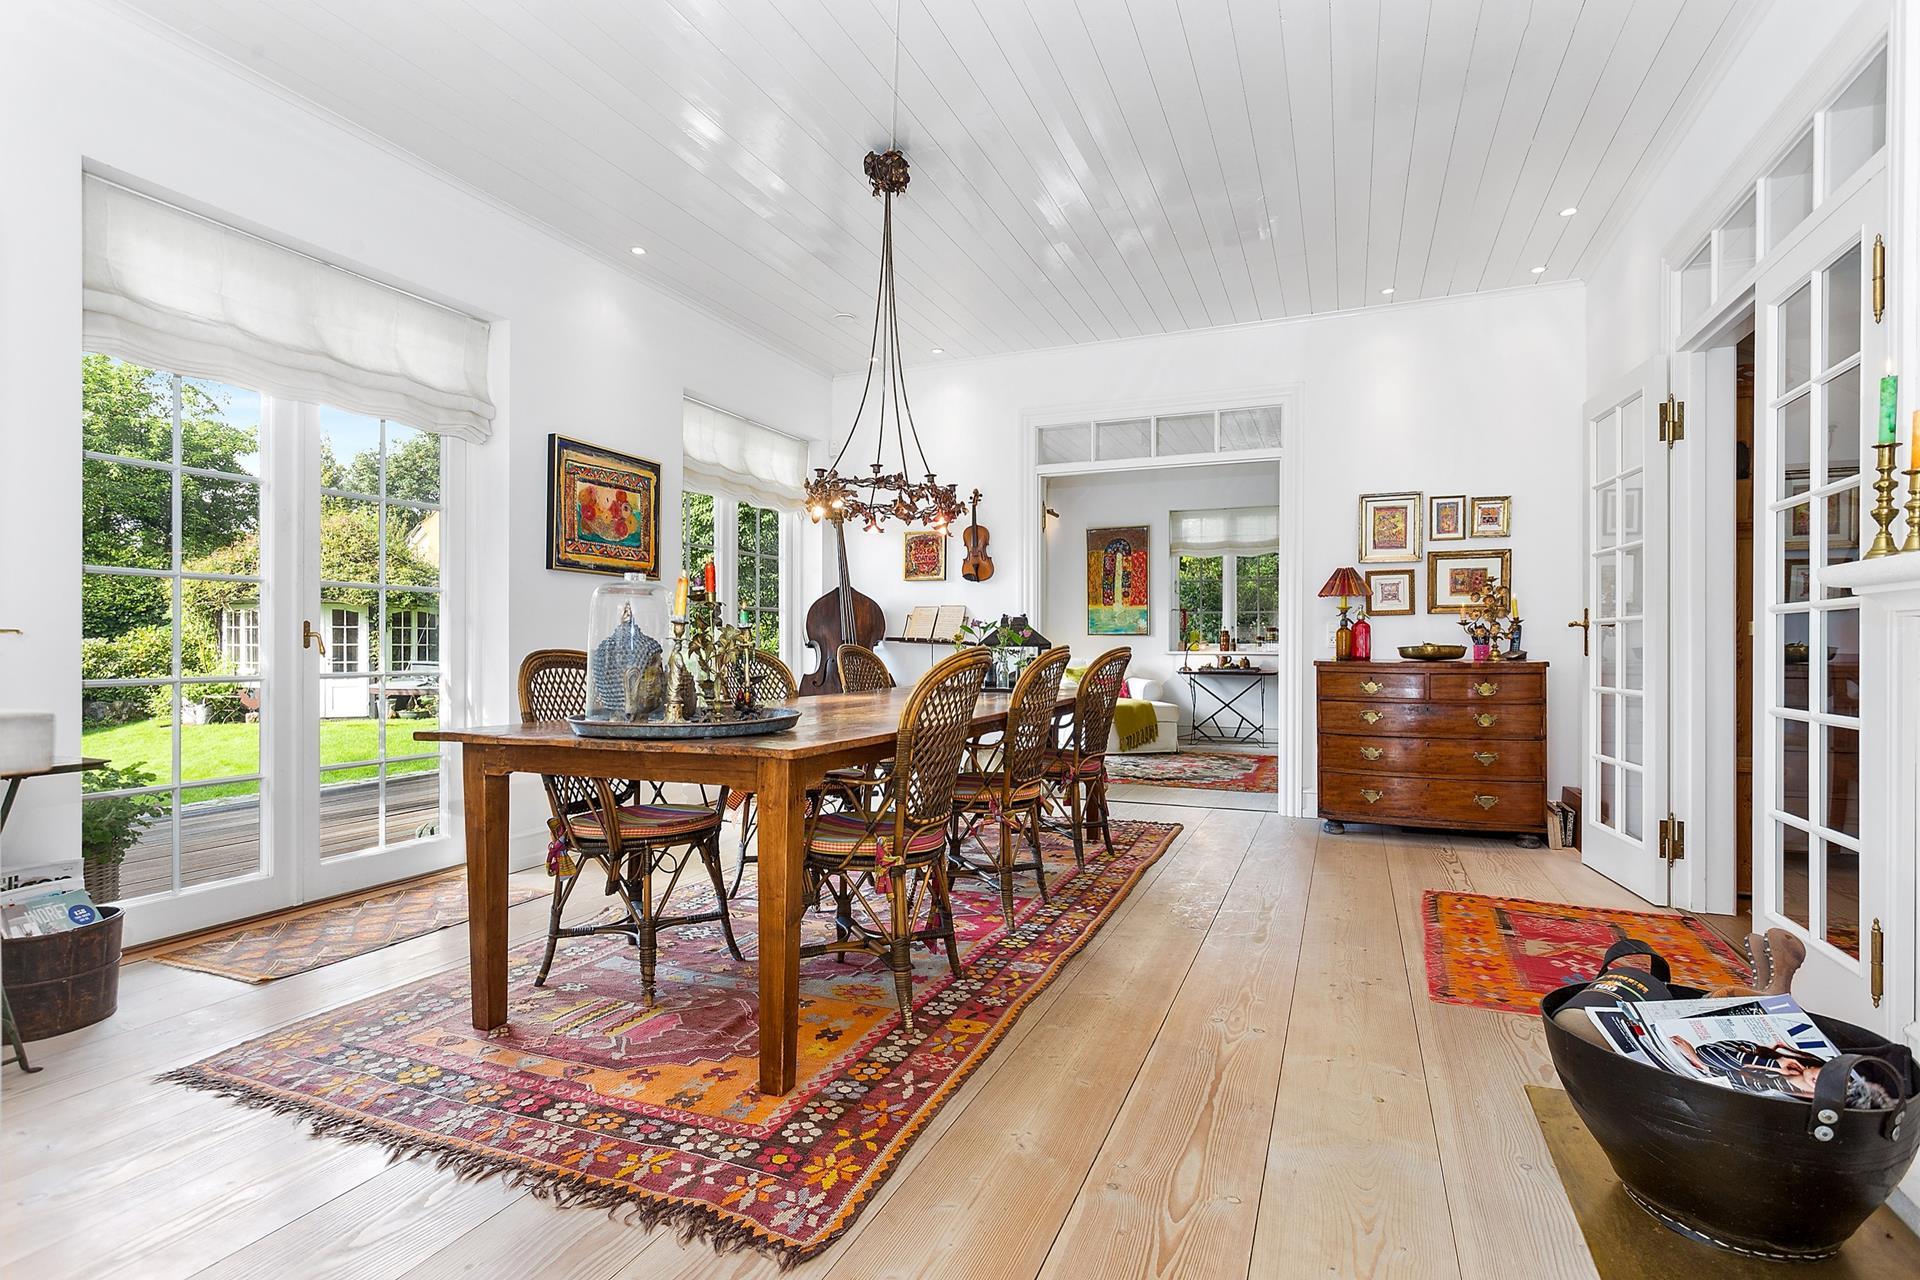 кухня обеденный стол стулья деревянный пол французские двери